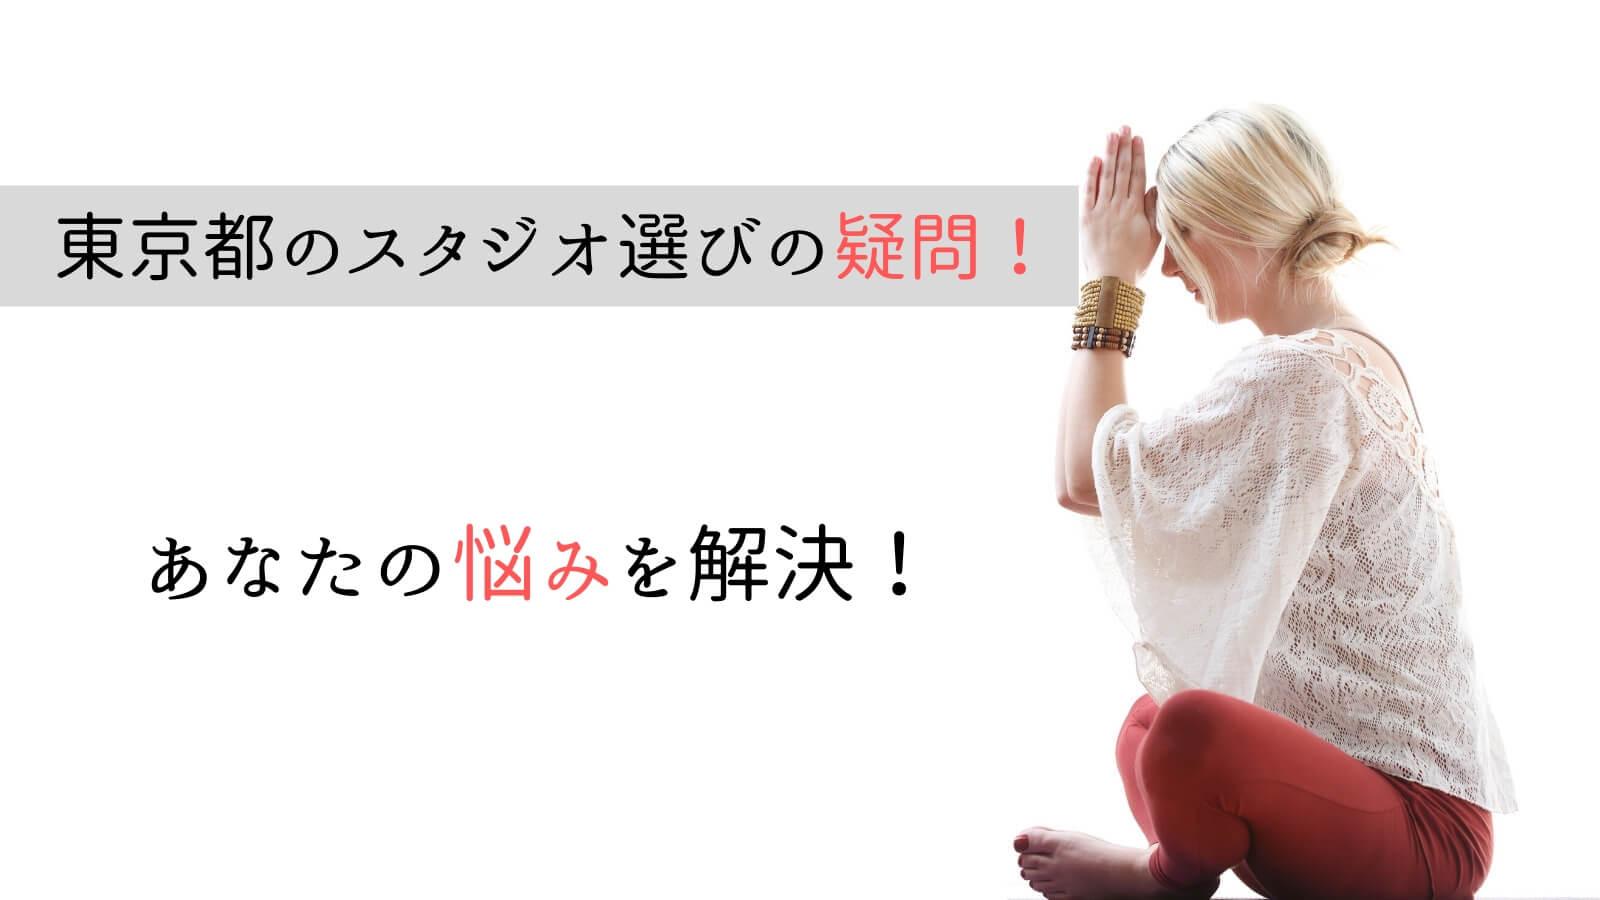 東京でのマタニティヨガスタジオ選びに関するQ&A